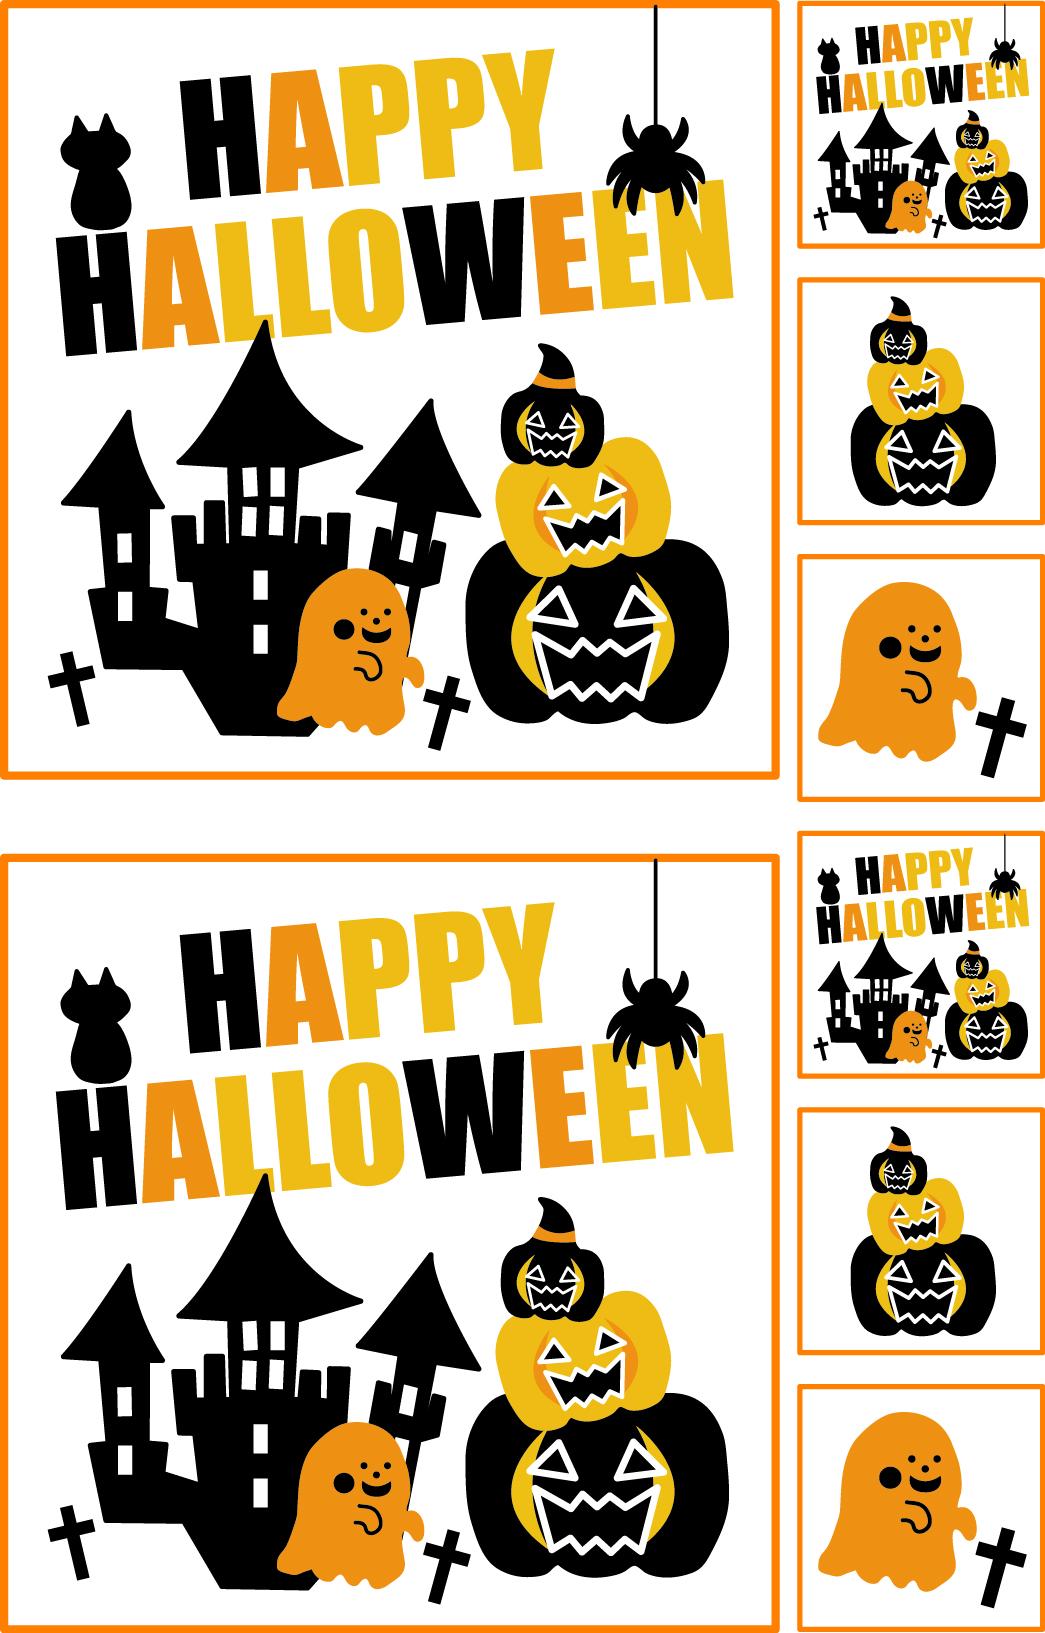 ハロウィングッズを簡単作成!!シールもカードも印刷するだけ色々使える!!1